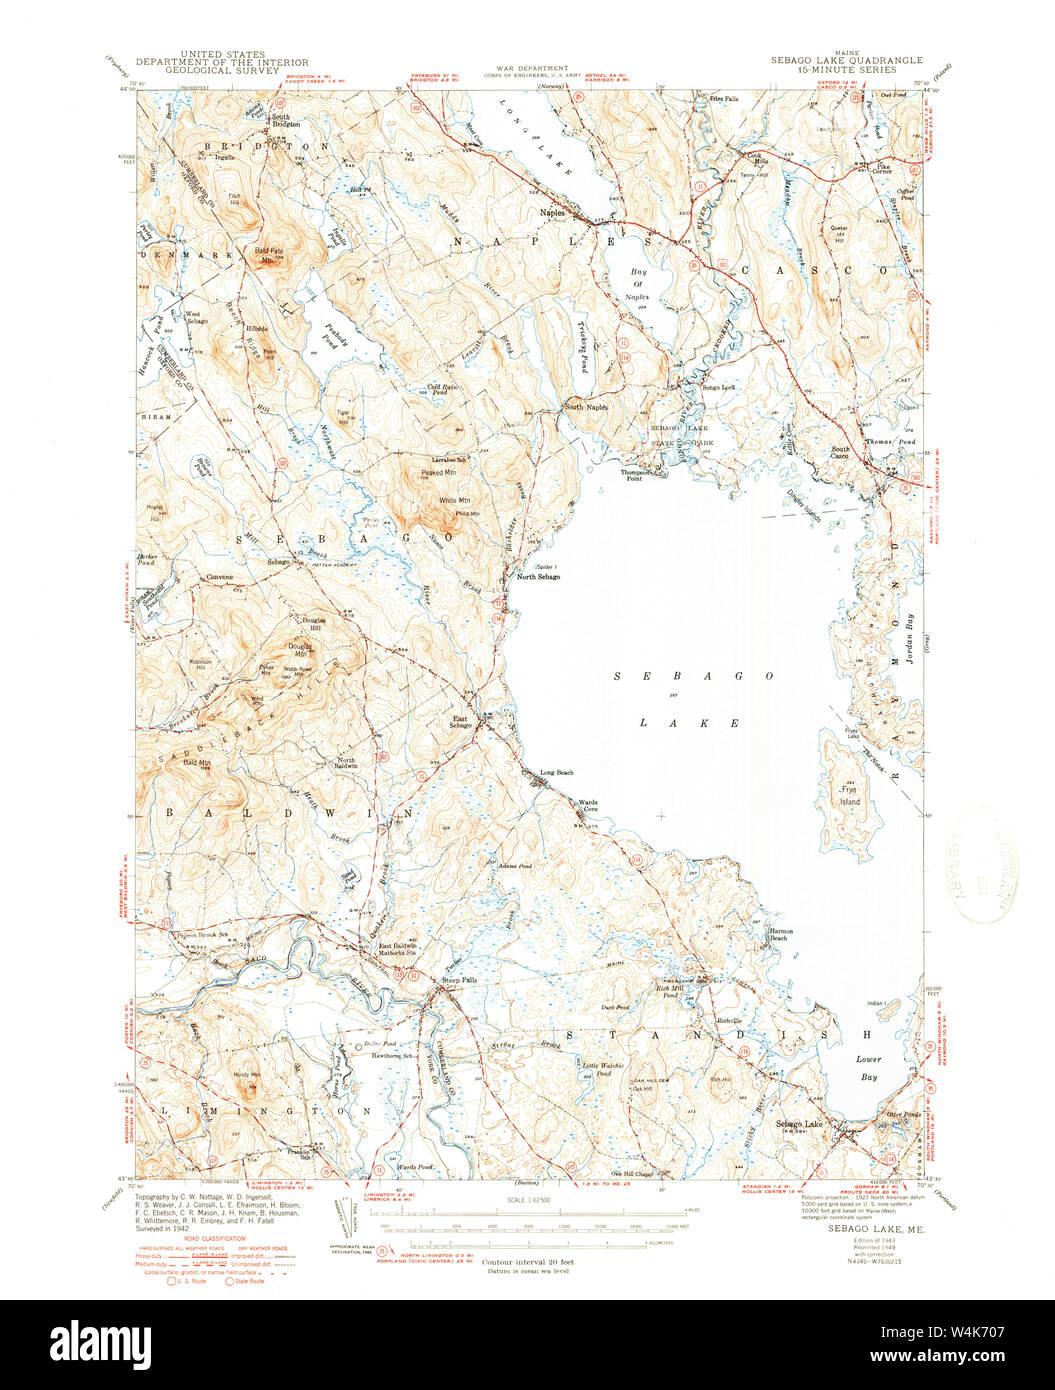 Maine USGS Historical Map Sebago Lake 460848 1943 62500 ... on surry mountain lake map, pittsfield lake map, mexico lake map, bedford lake map, flagstaff lake map, mooselookmeguntic lake map, china lake map, jaffrey lake map, sebasticook lake map, little sebago map, maine map, massachusetts map, lake easton state park campground map, sperry lake map, sebago state park map, diamond valley lake map, point sebago map, lake wallenpaupack map, clarks lake map, gardner lake map,